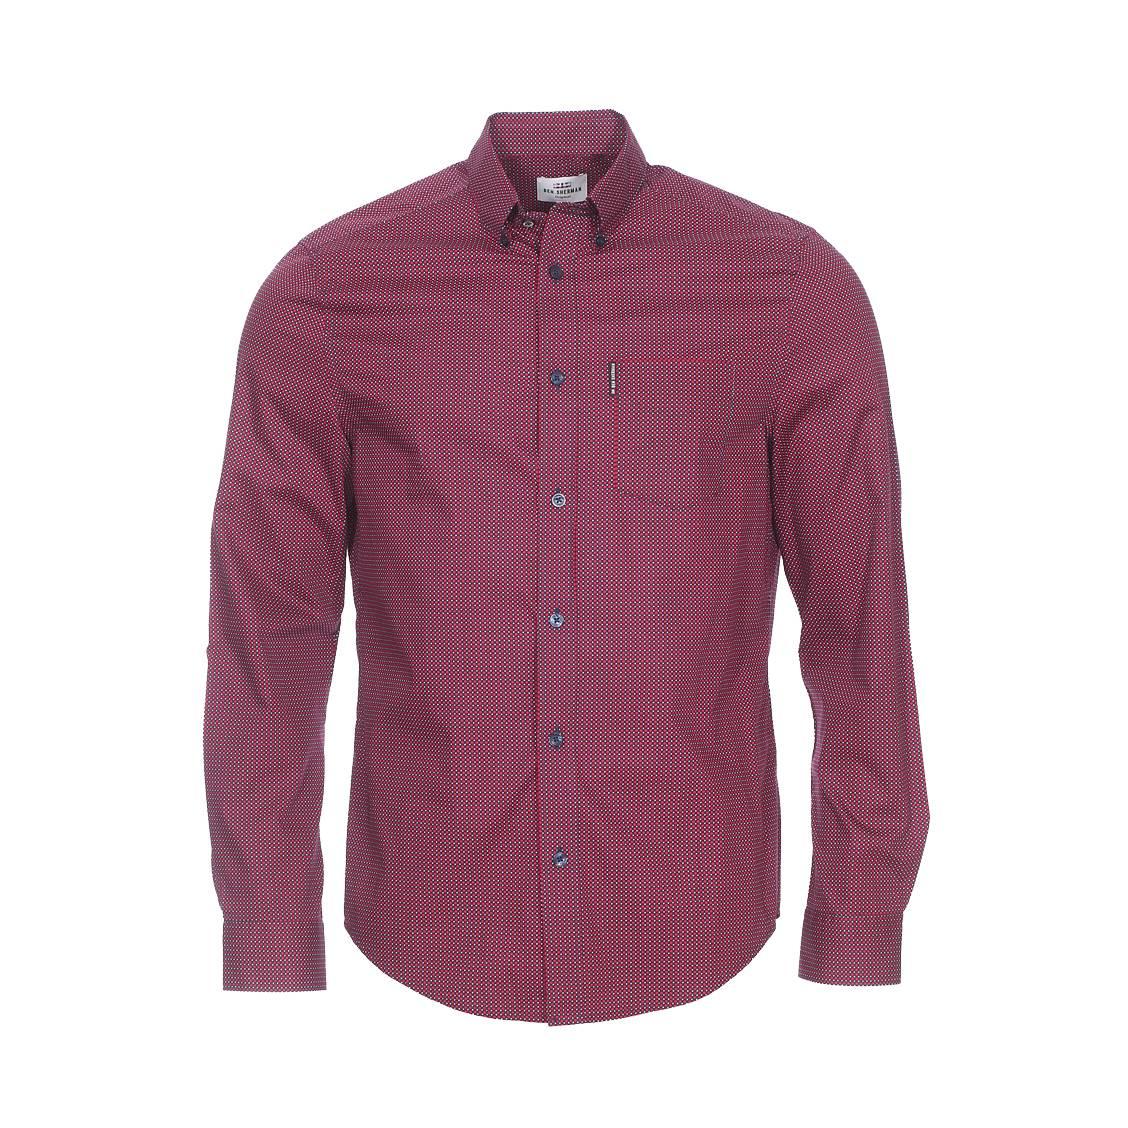 Chemise droite  en coton à carreaux rouges et bleu marine à pois blancs